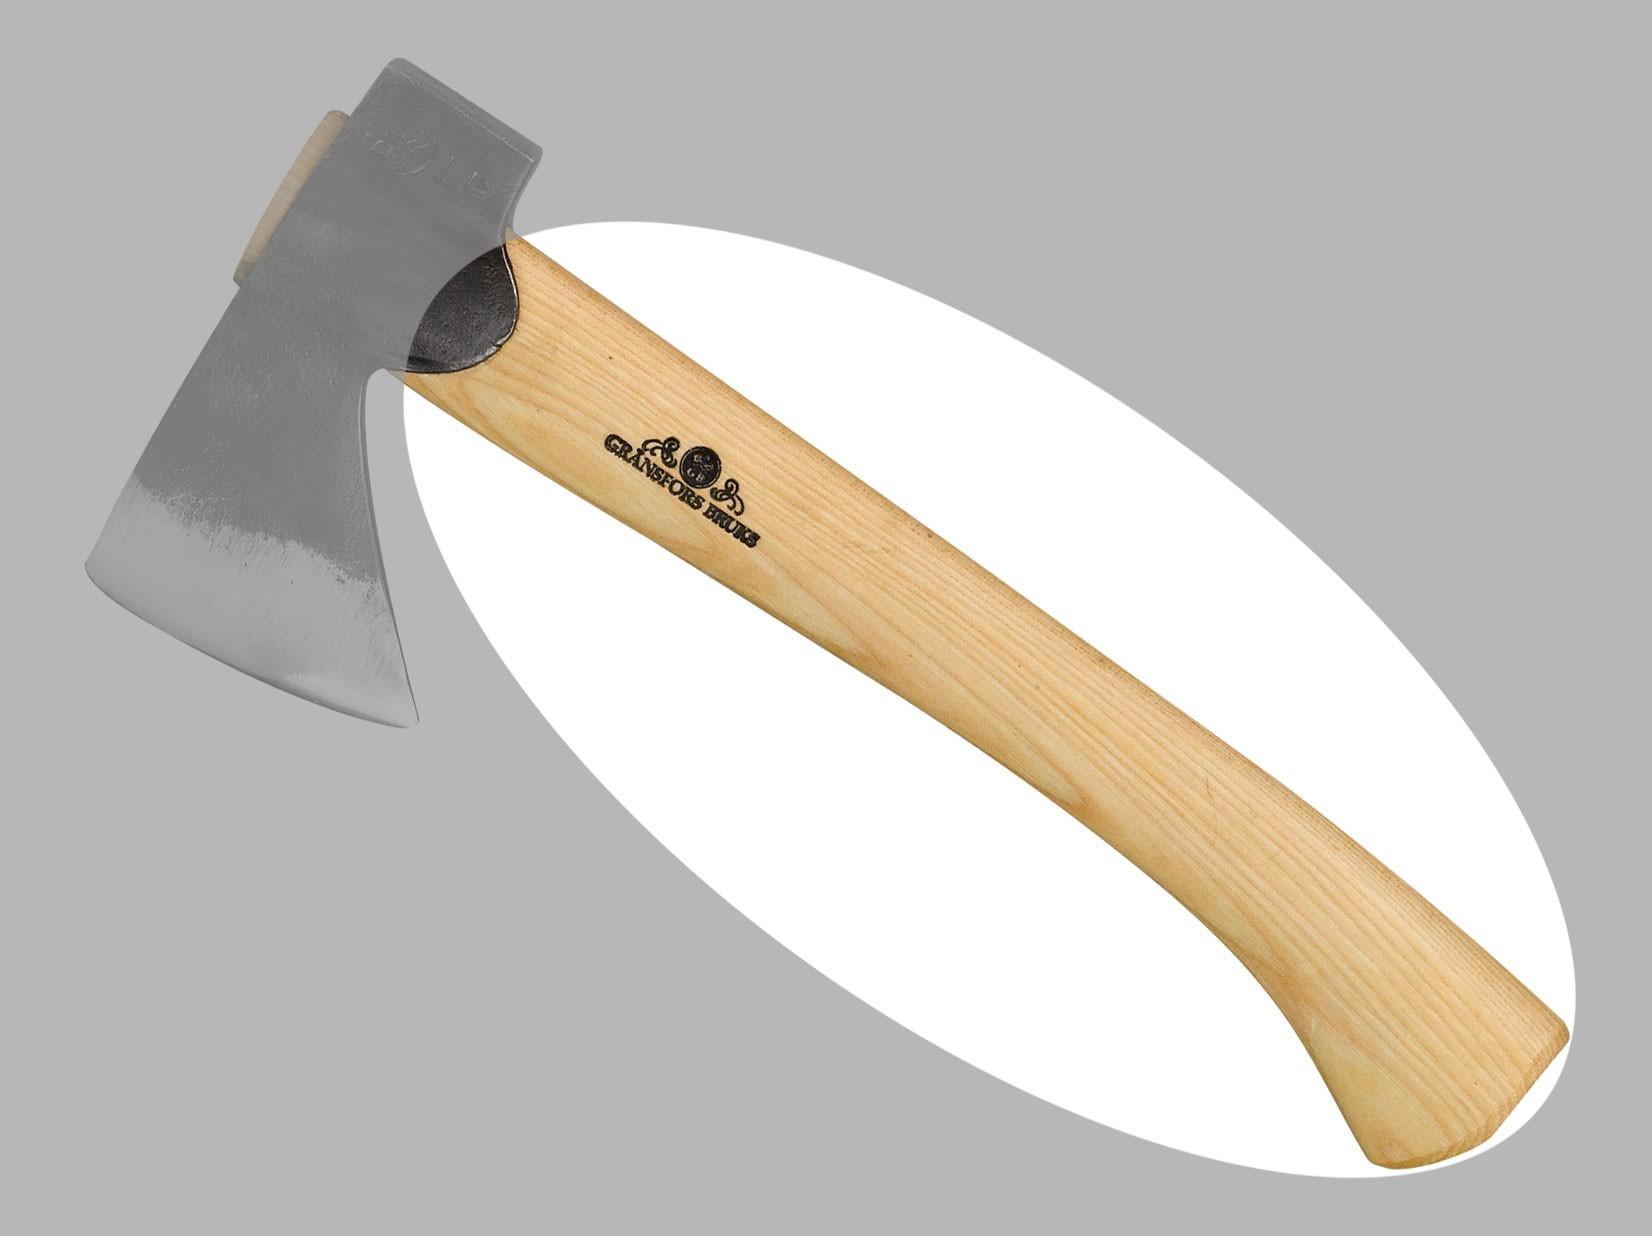 Ersatzstiel für Gränsfors Minibeil 20-309 26cm Bild 1